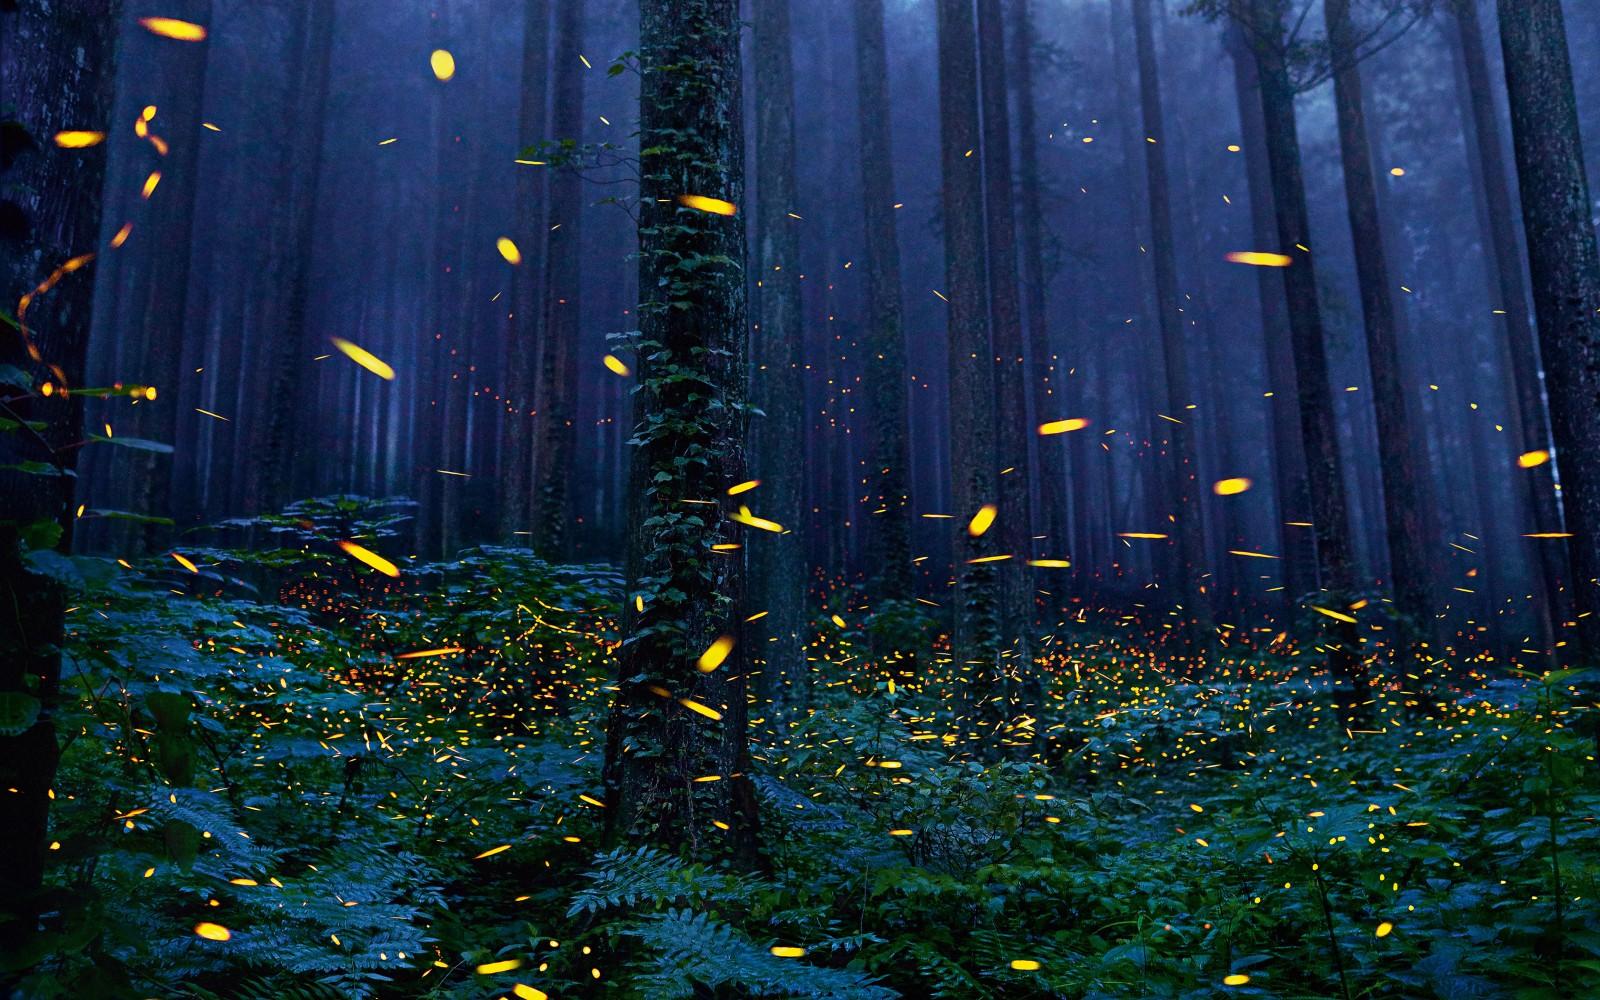 fireflies_forest-1181241